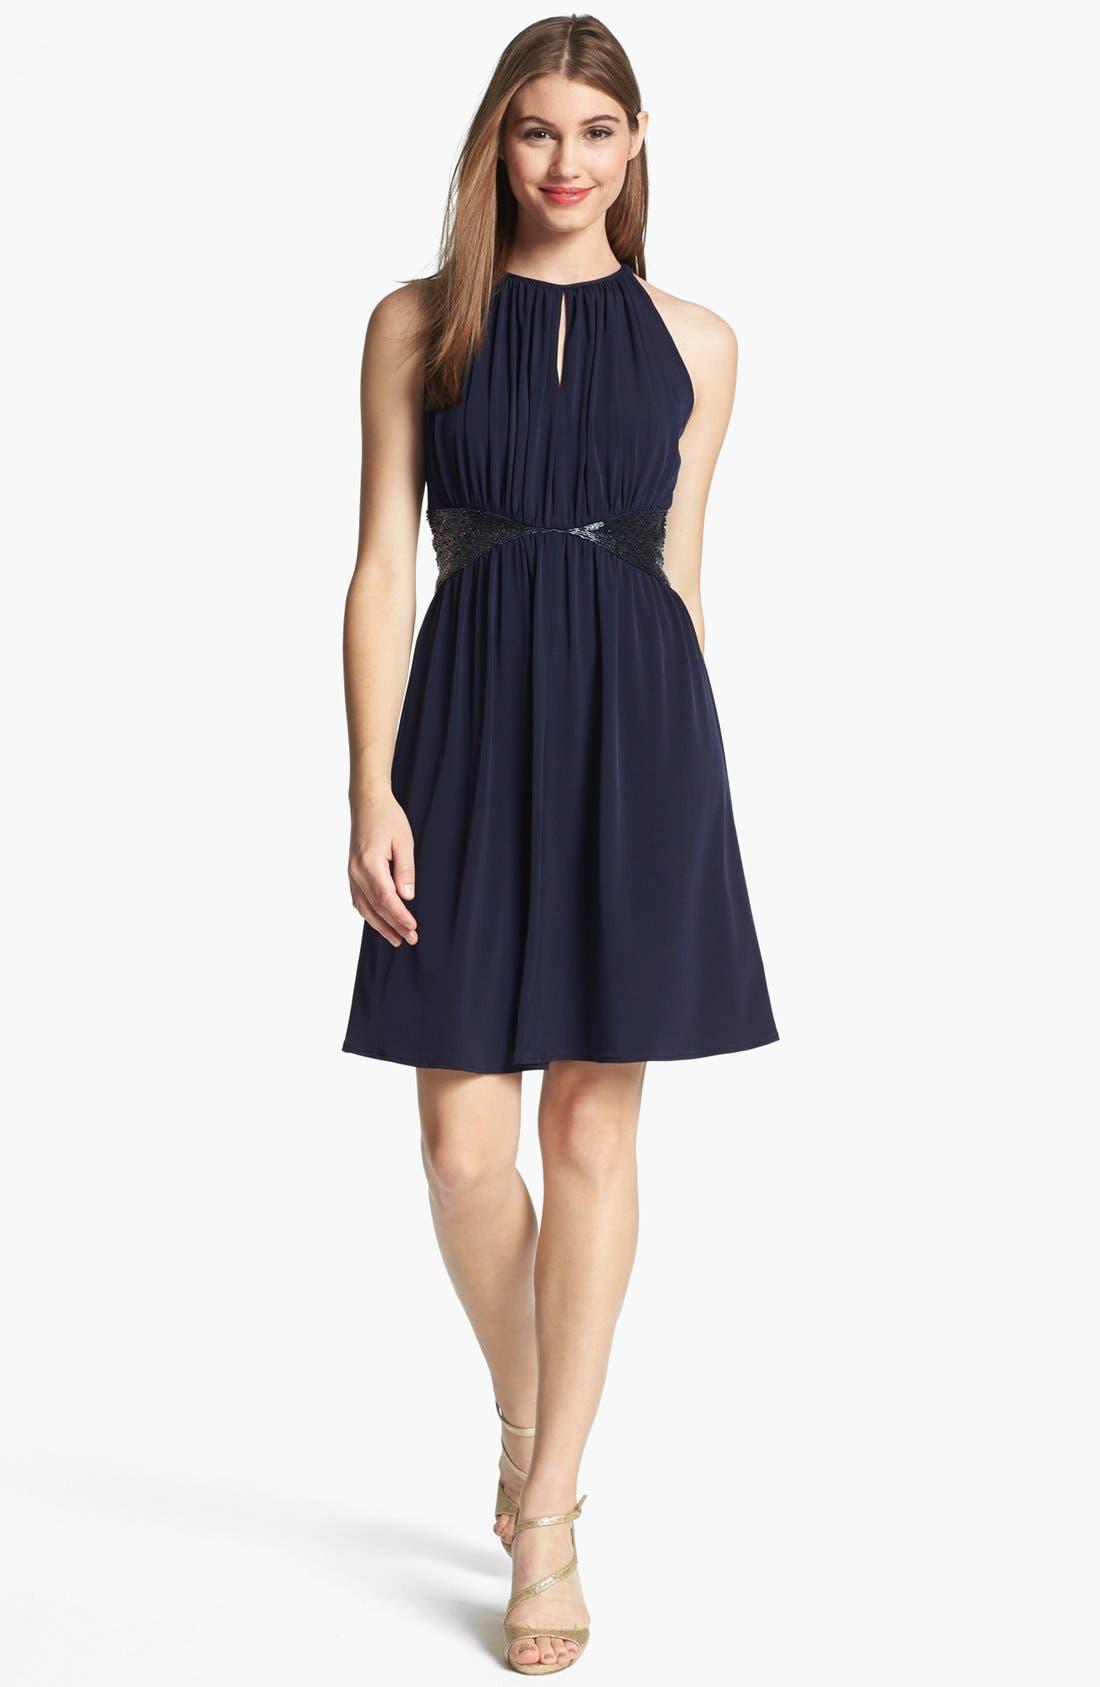 Alternate Image 1 Selected - JS Boutique Embellished Jersey Fit & Flare Dress